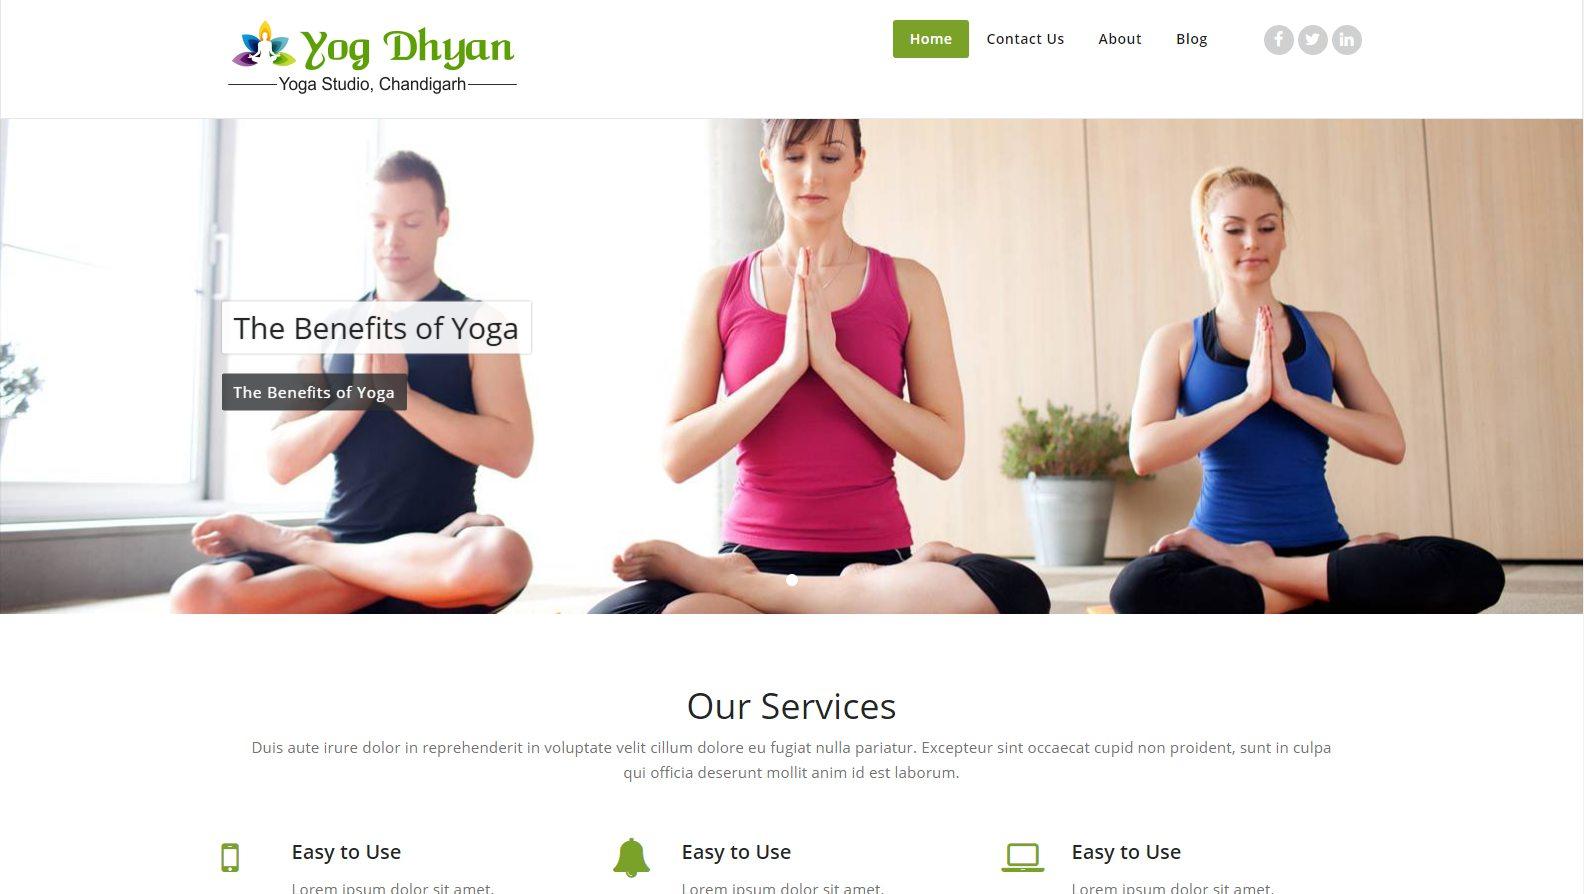 Yogdhyan - Website Designing By SEOTeam.ca